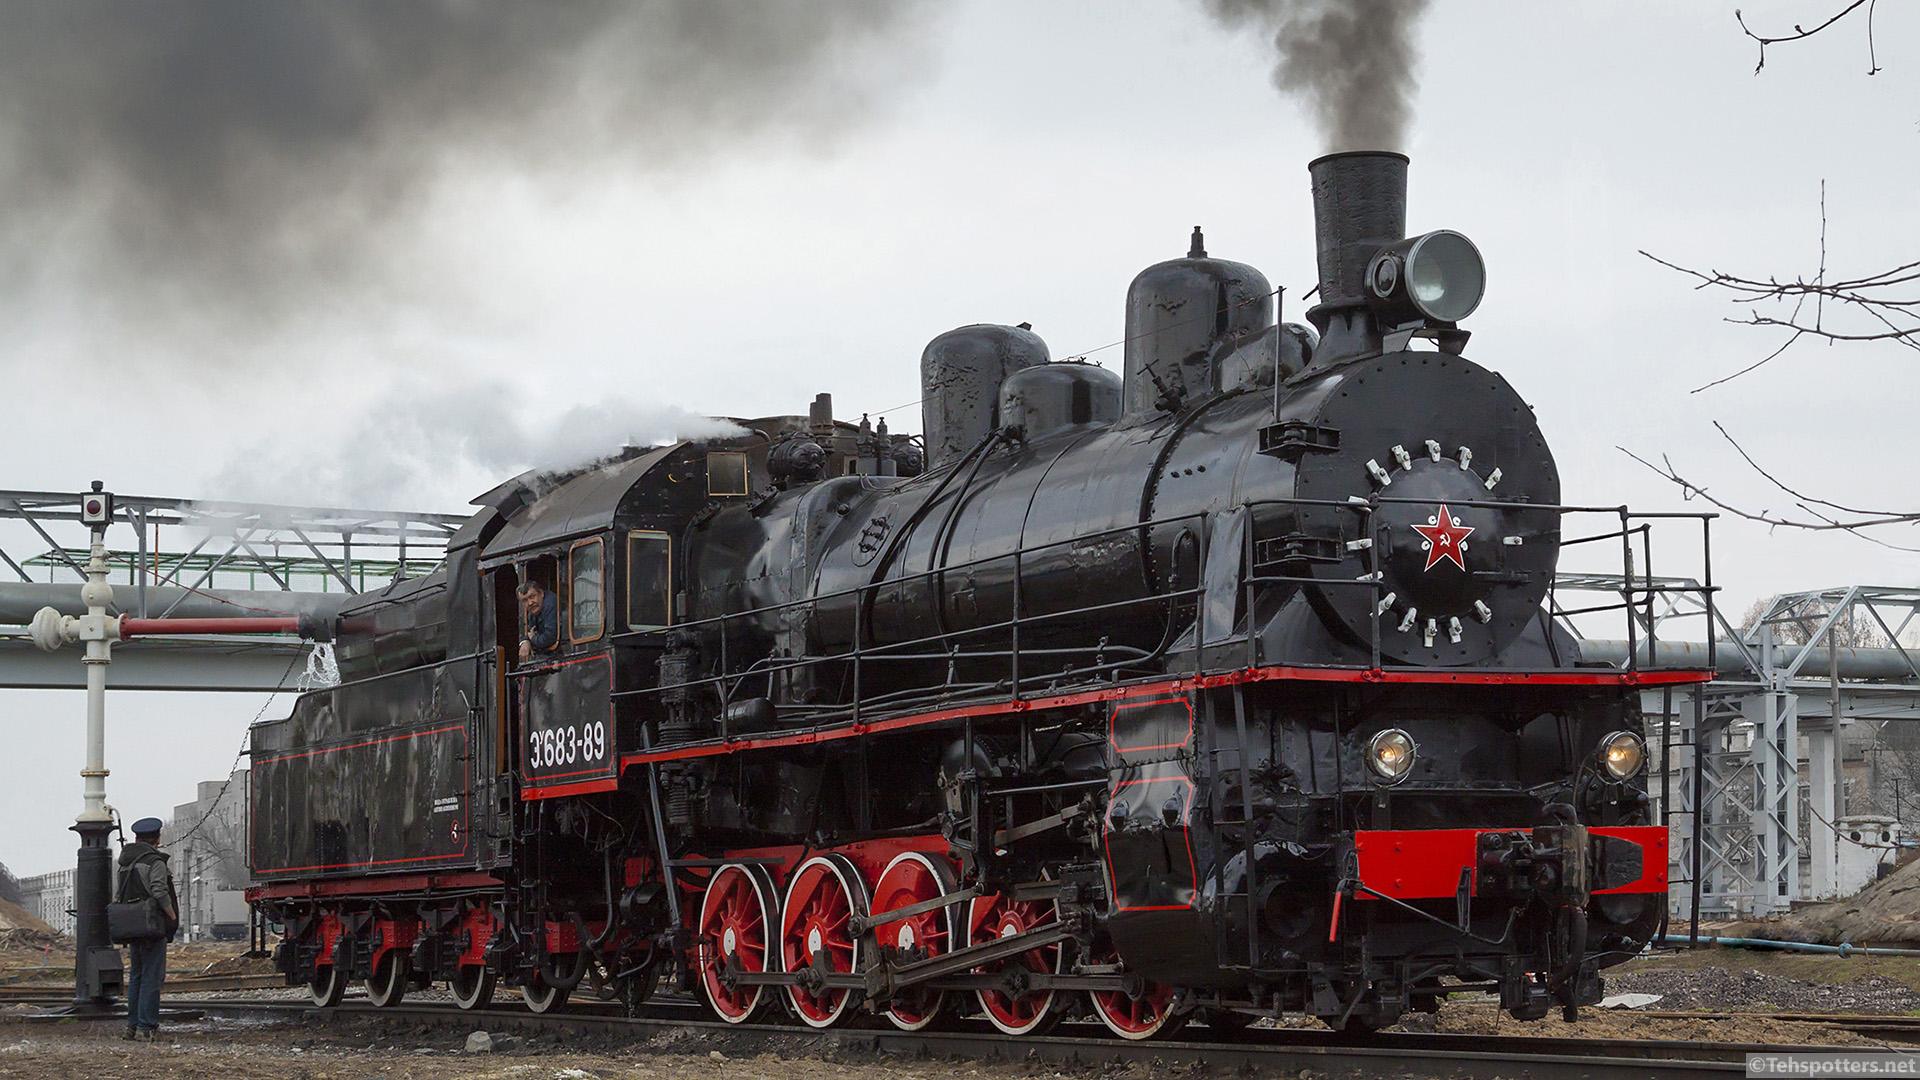 Картинки паровозы россии, гадание ромашке